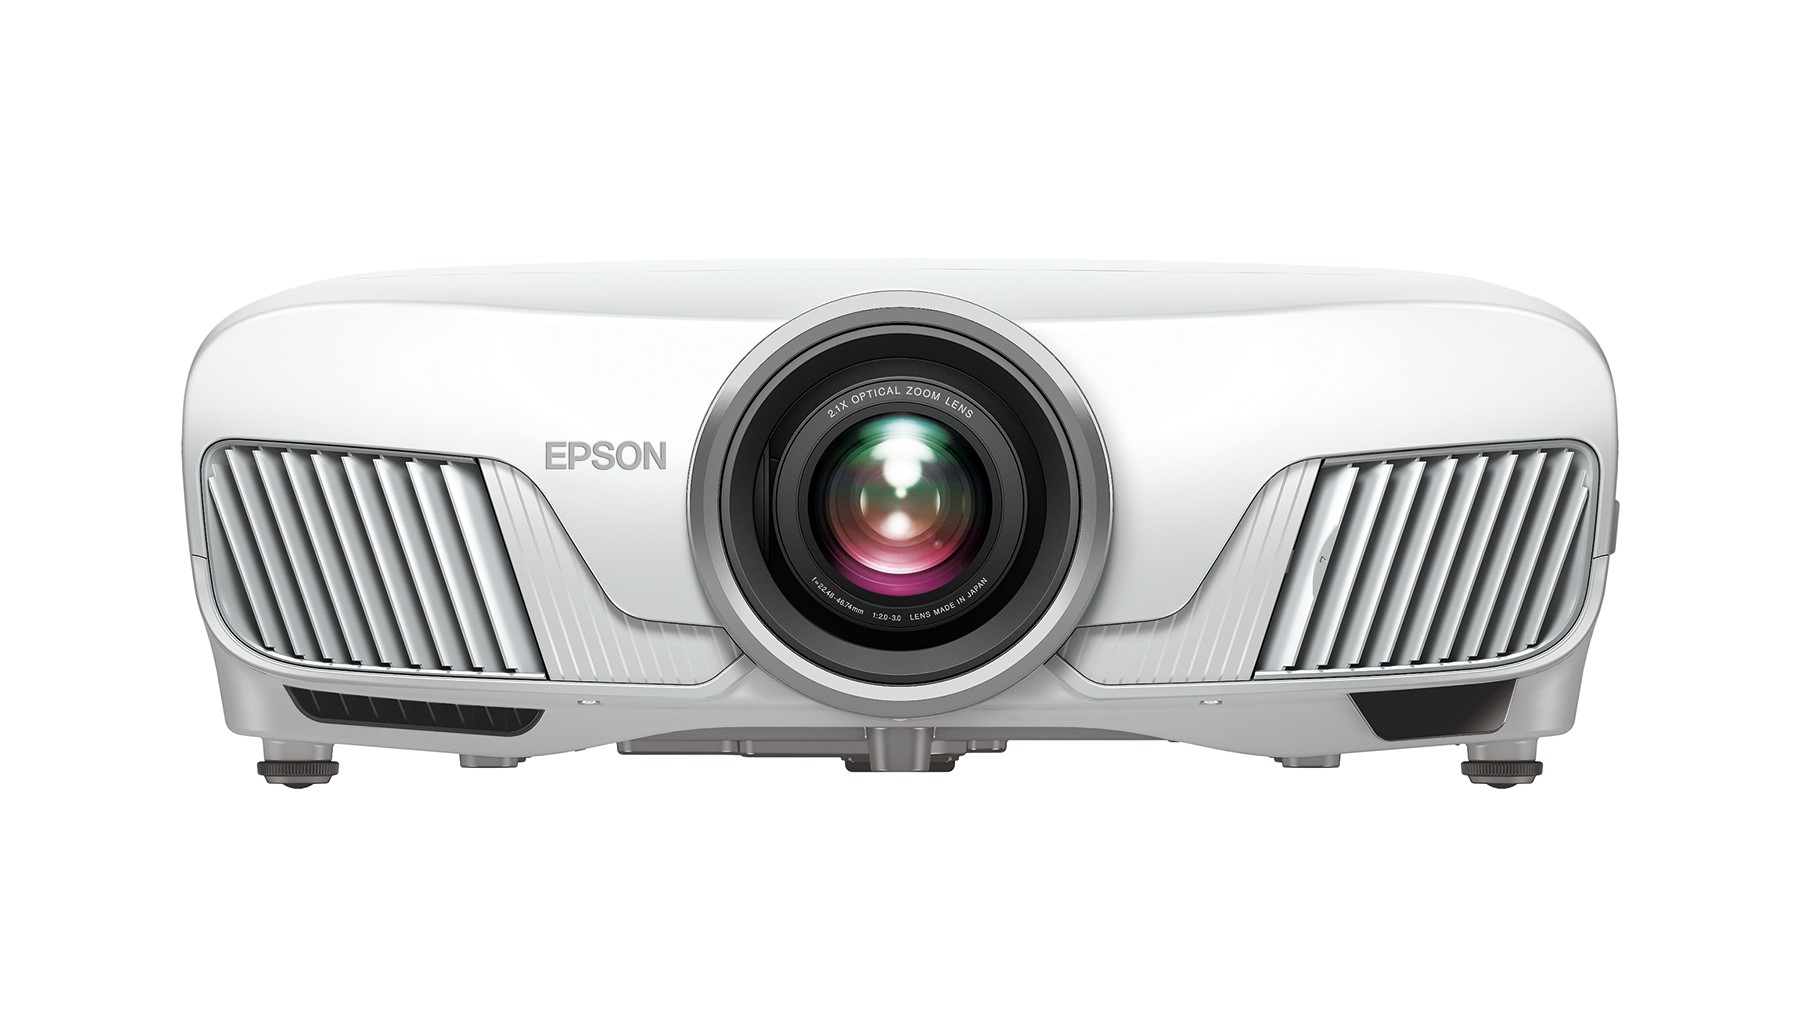 Epson Home Cinema 4010 (EH-TW7400) review | TechRadar